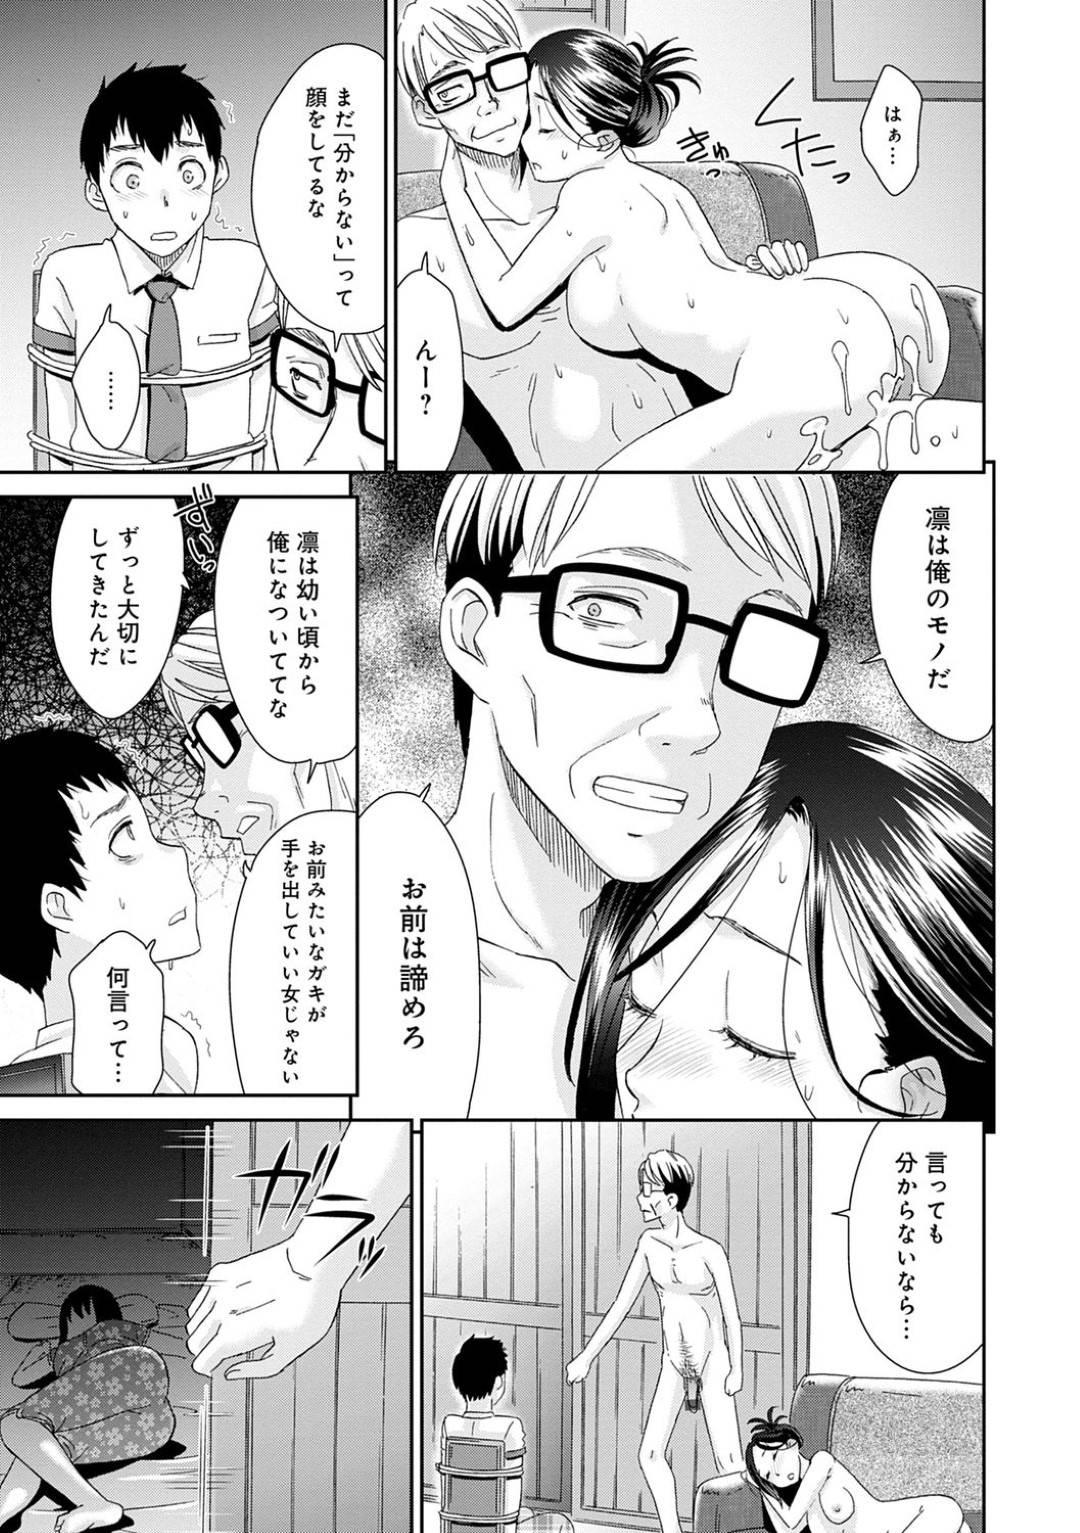 【親子丼エロ漫画】彼氏は彼女の家に行くと、睡眠薬を飲まされる。目が覚めると拘束され叔父さんと母に自分の彼女が寝取られ犯される姿を見せつけられる【桃之助】